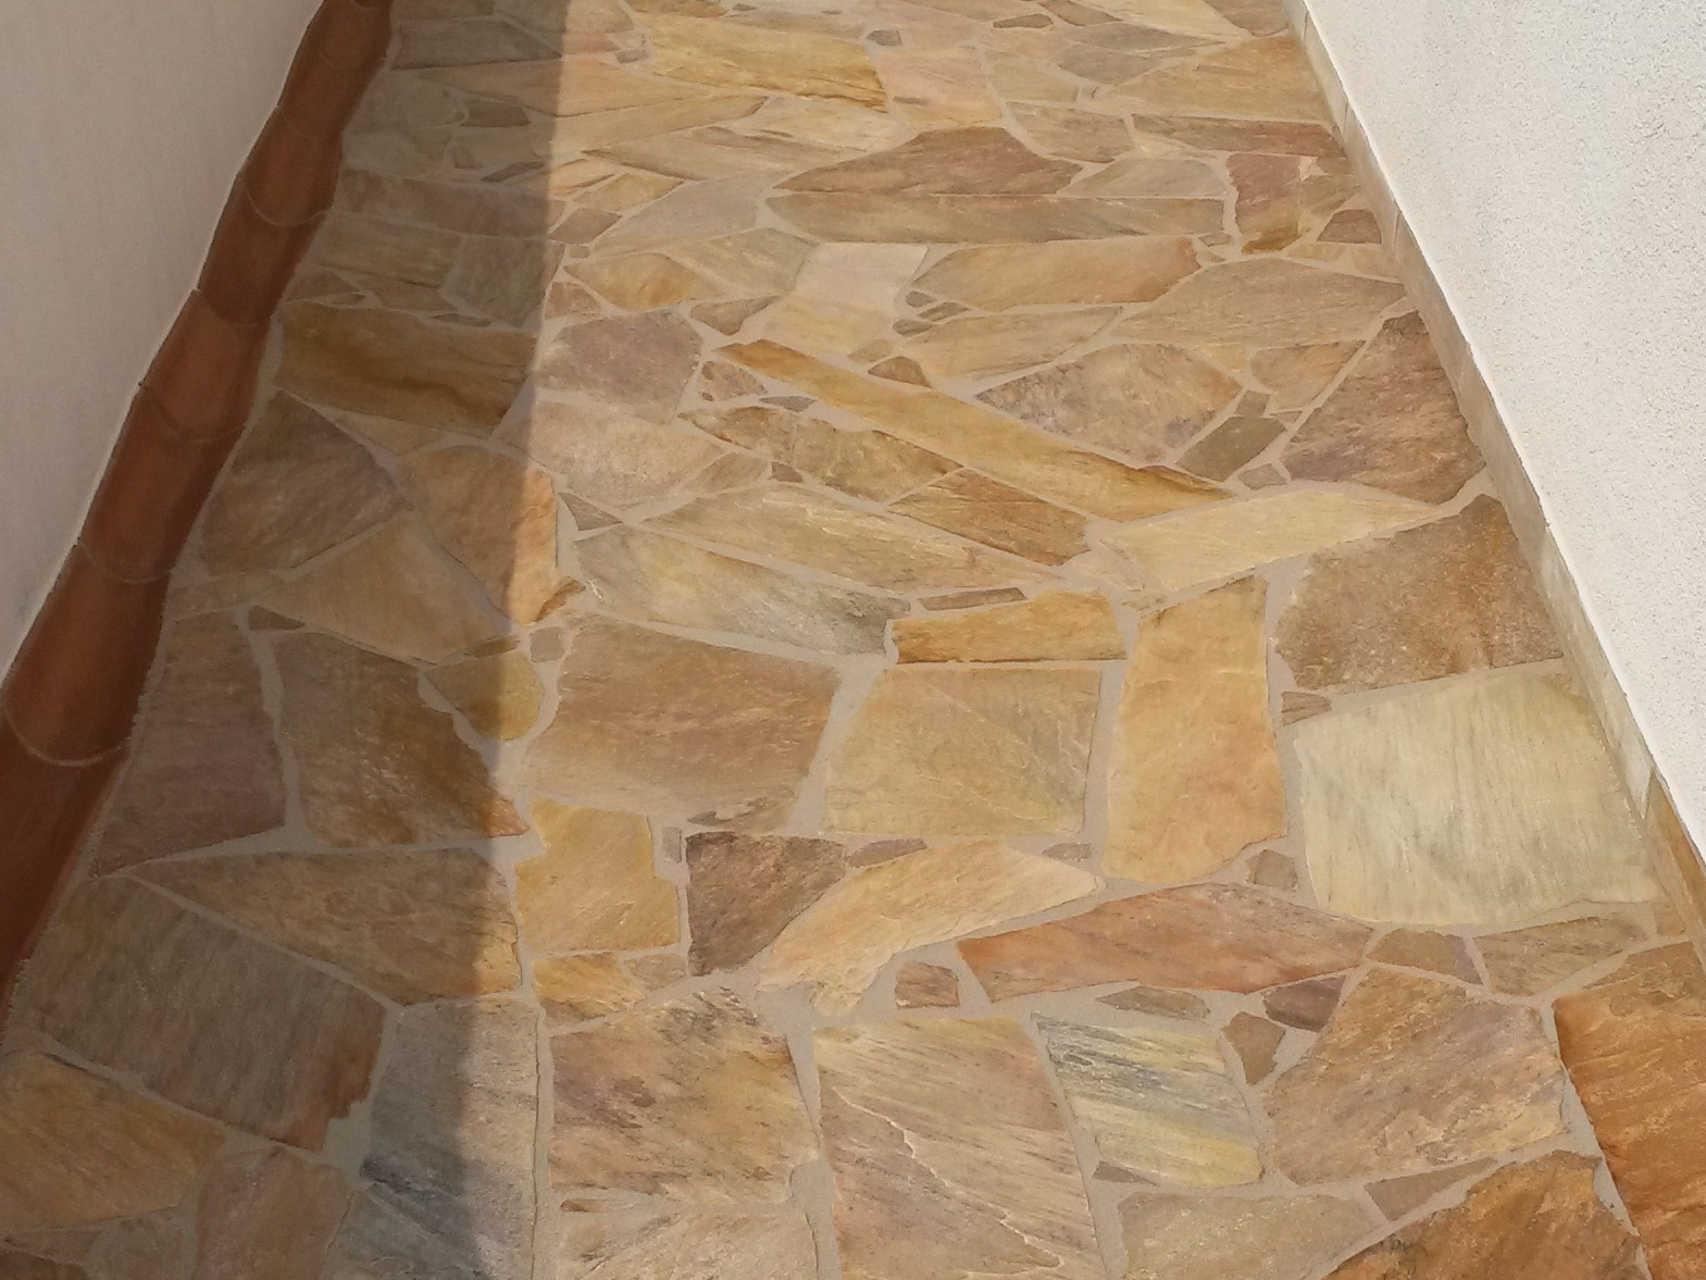 Hauseingang aus polygonalplatten Quarzit